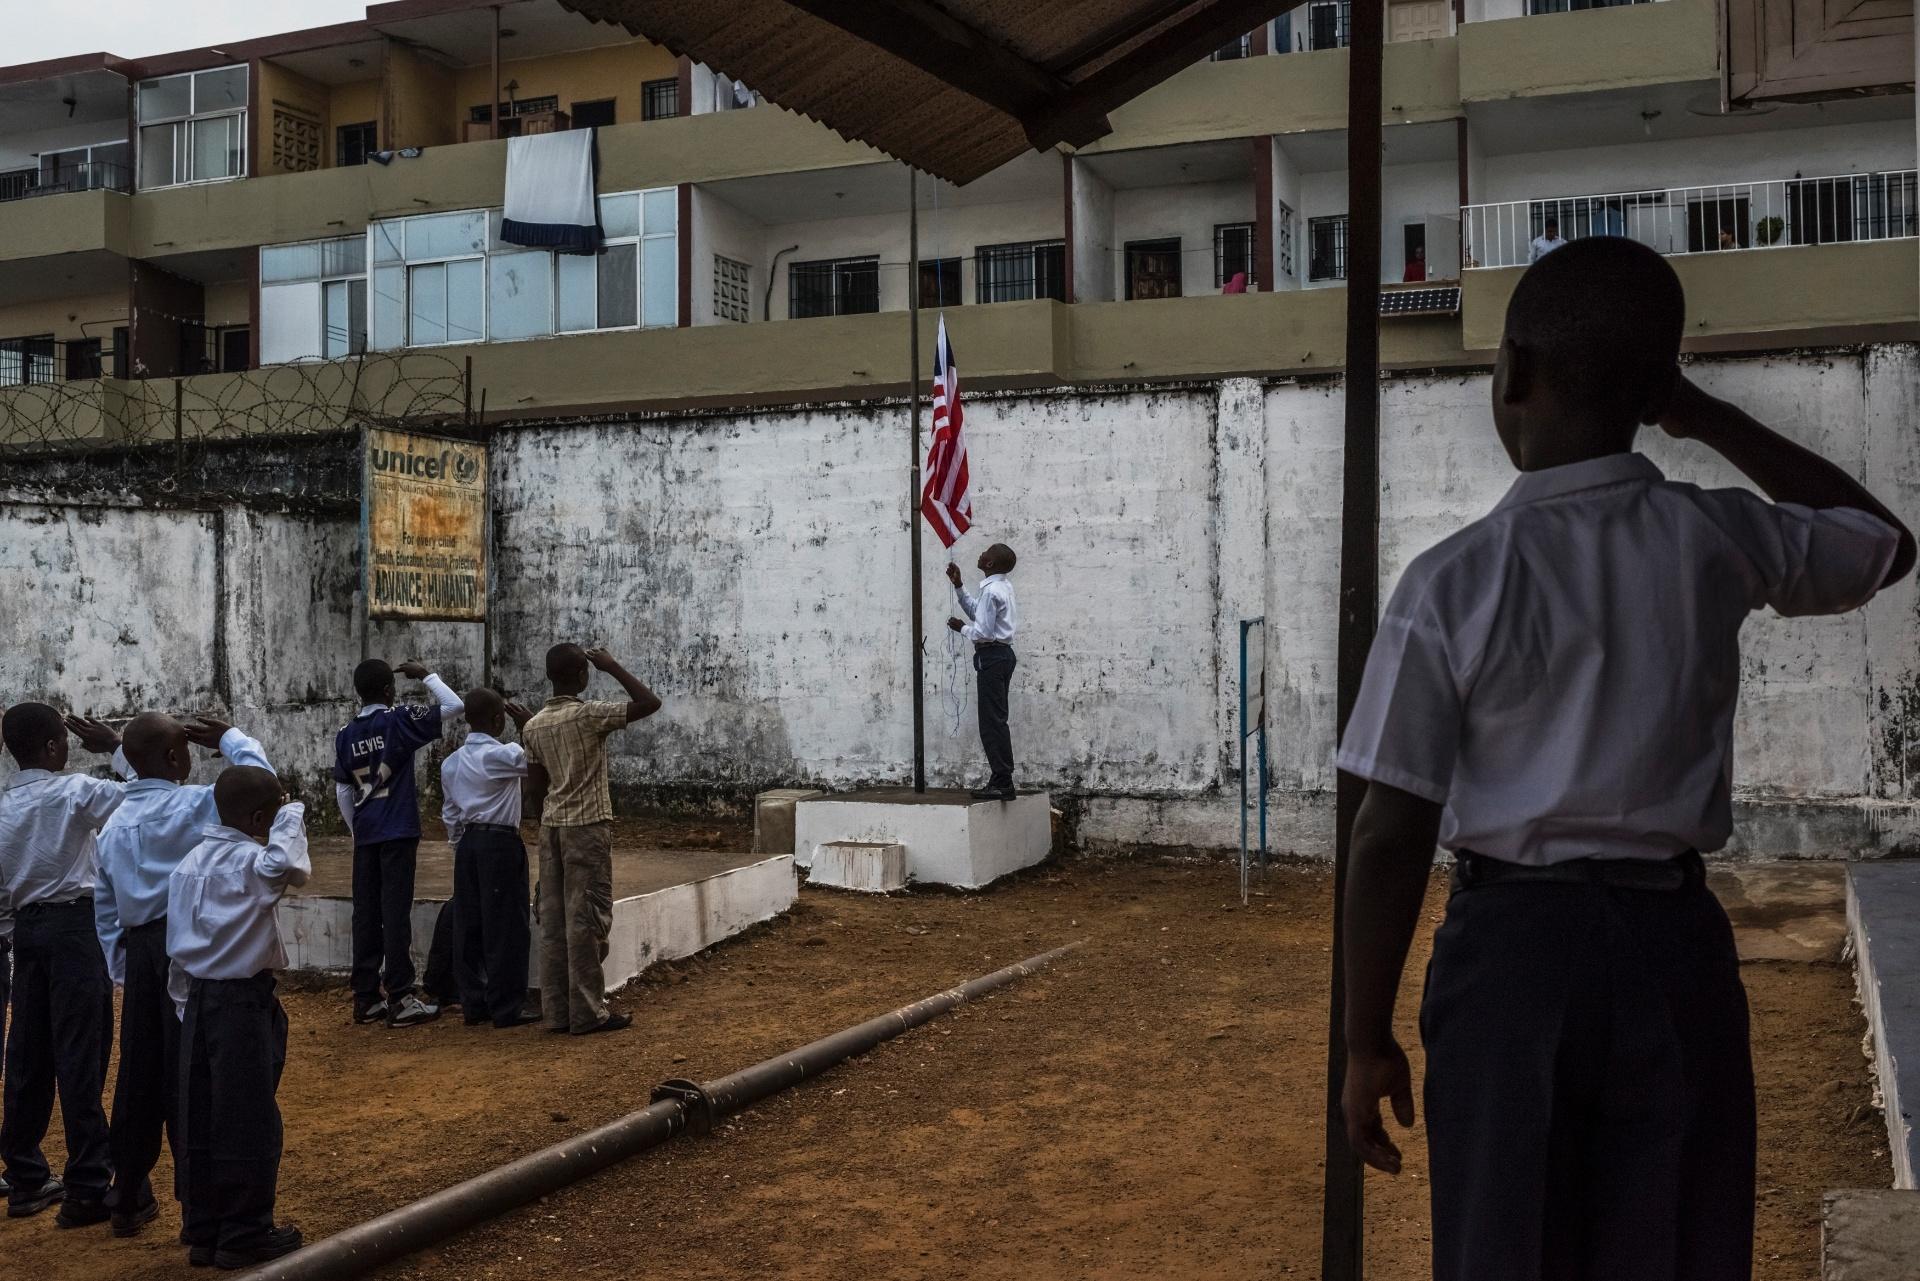 4.mar.2015 - Estudantes cantam o hino nacional da Libéria, na volta às aulas na escola de ensino fundamental C.D.B. King